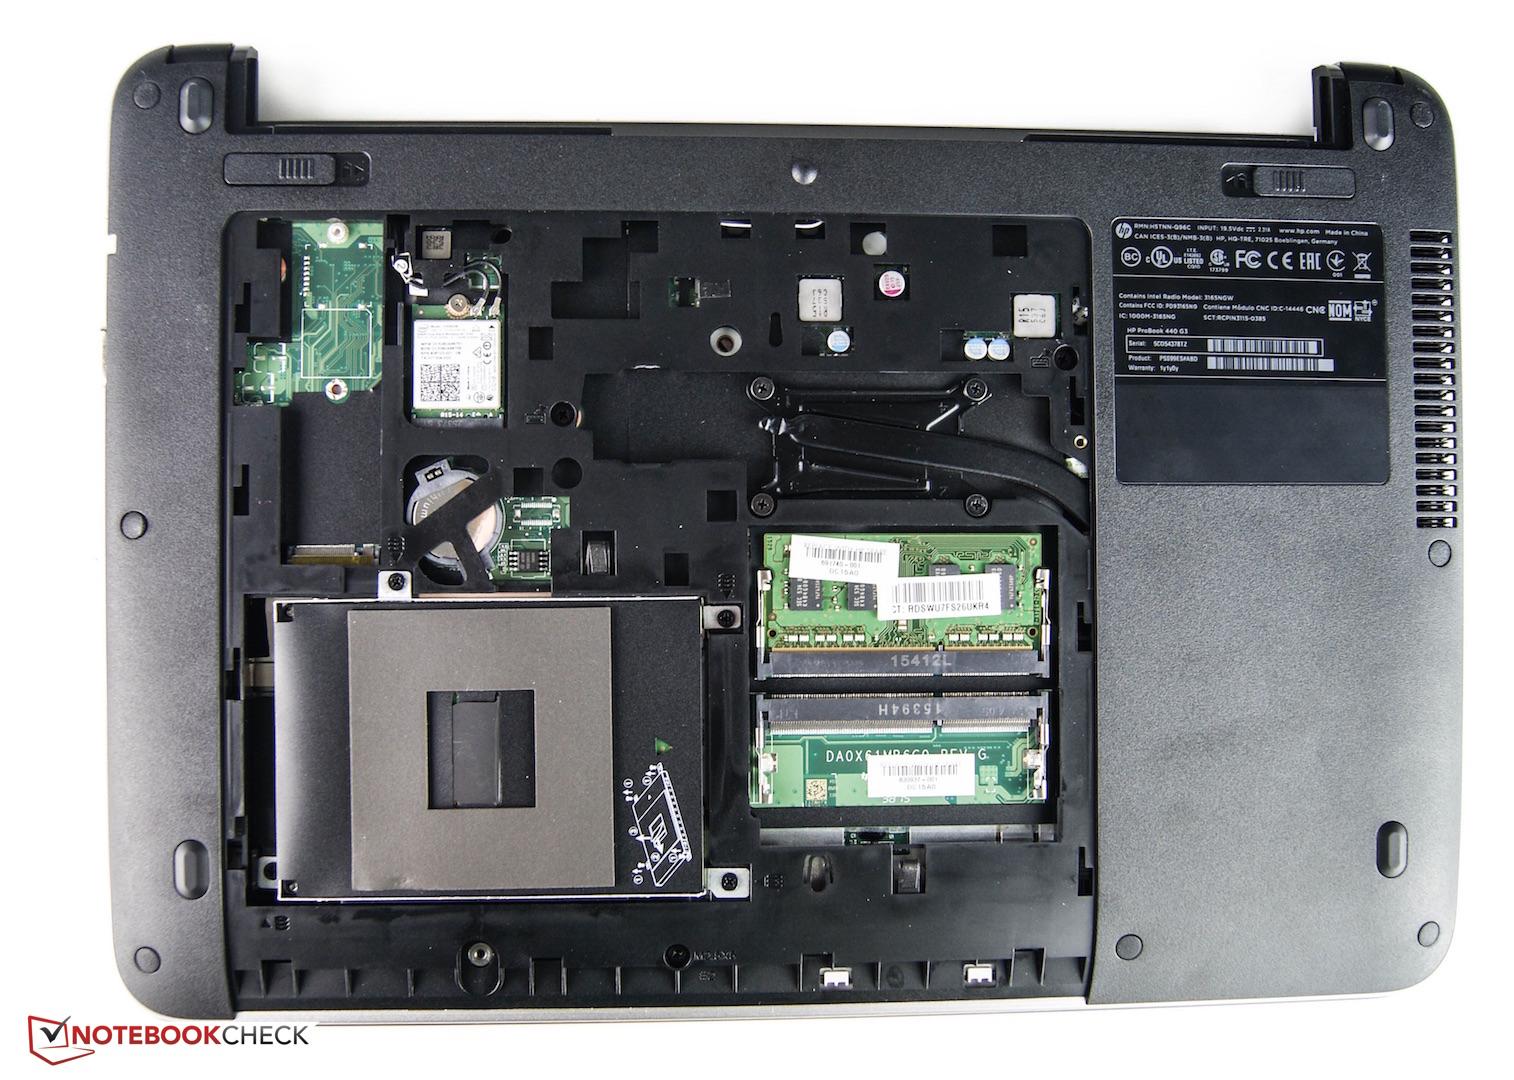 Download Drivers: HP ProBook 440 G3